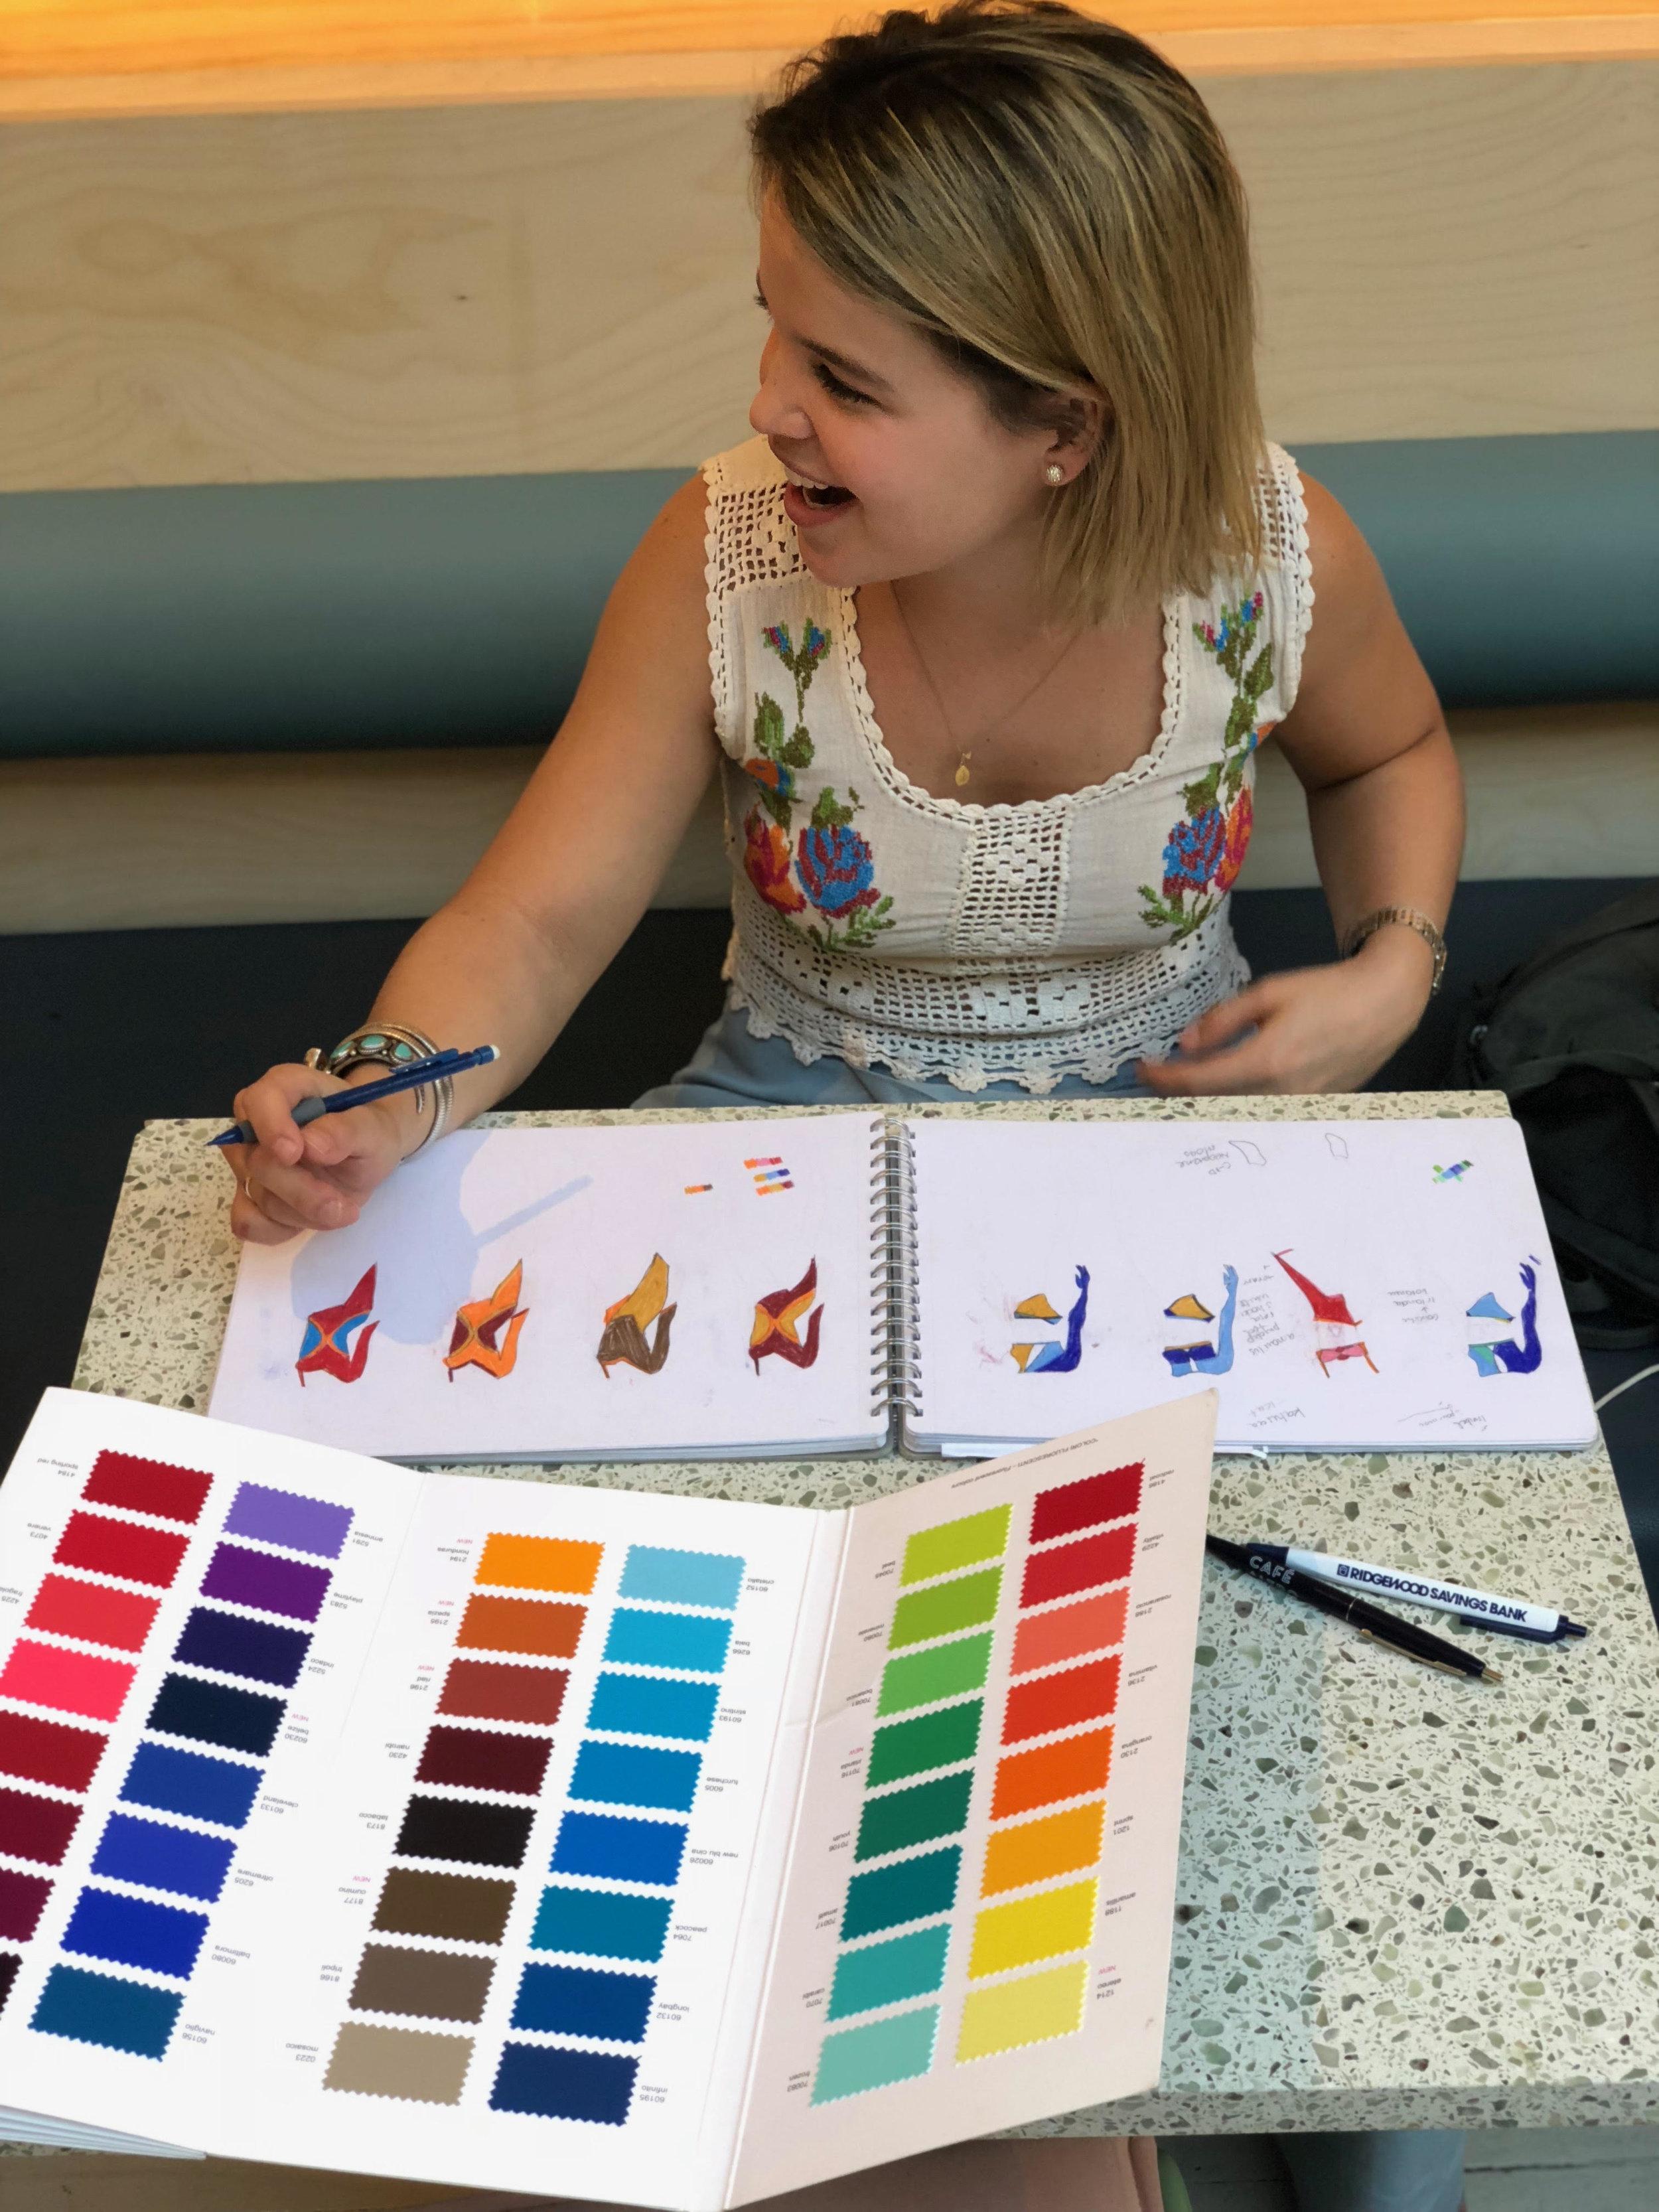 The designer, Maria Luisa Mendiola